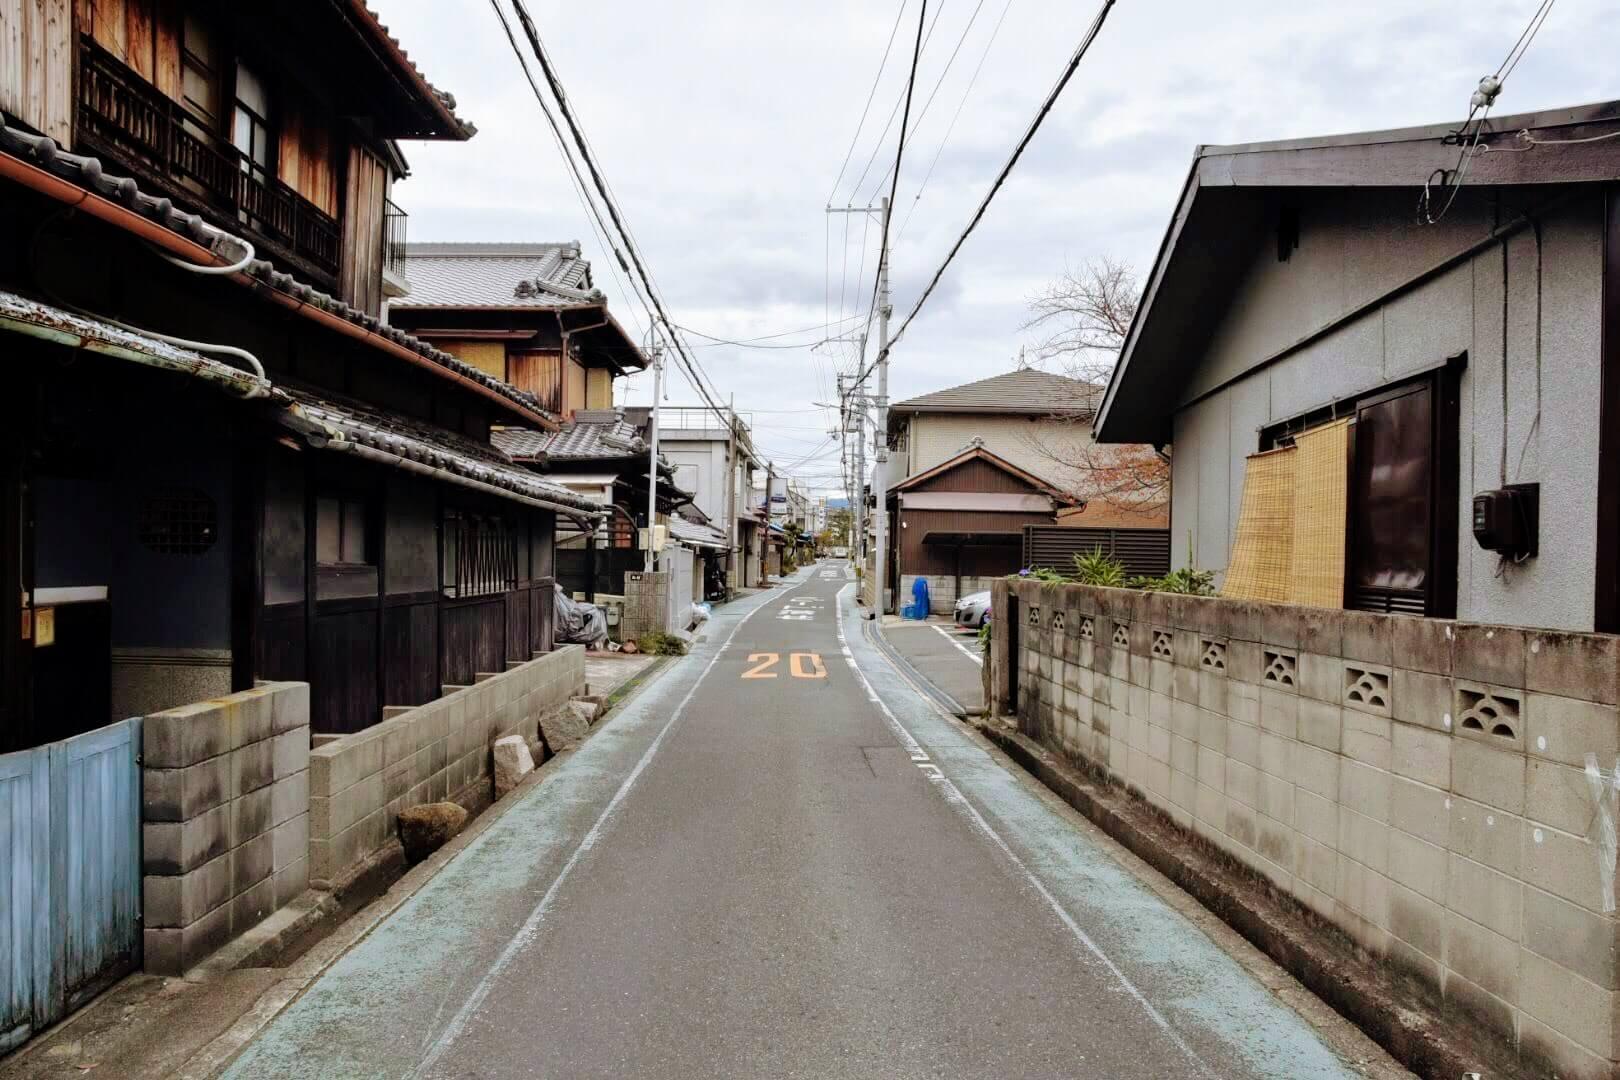 松竹堂 吹田山田本店は、この細い一方通行の道沿い